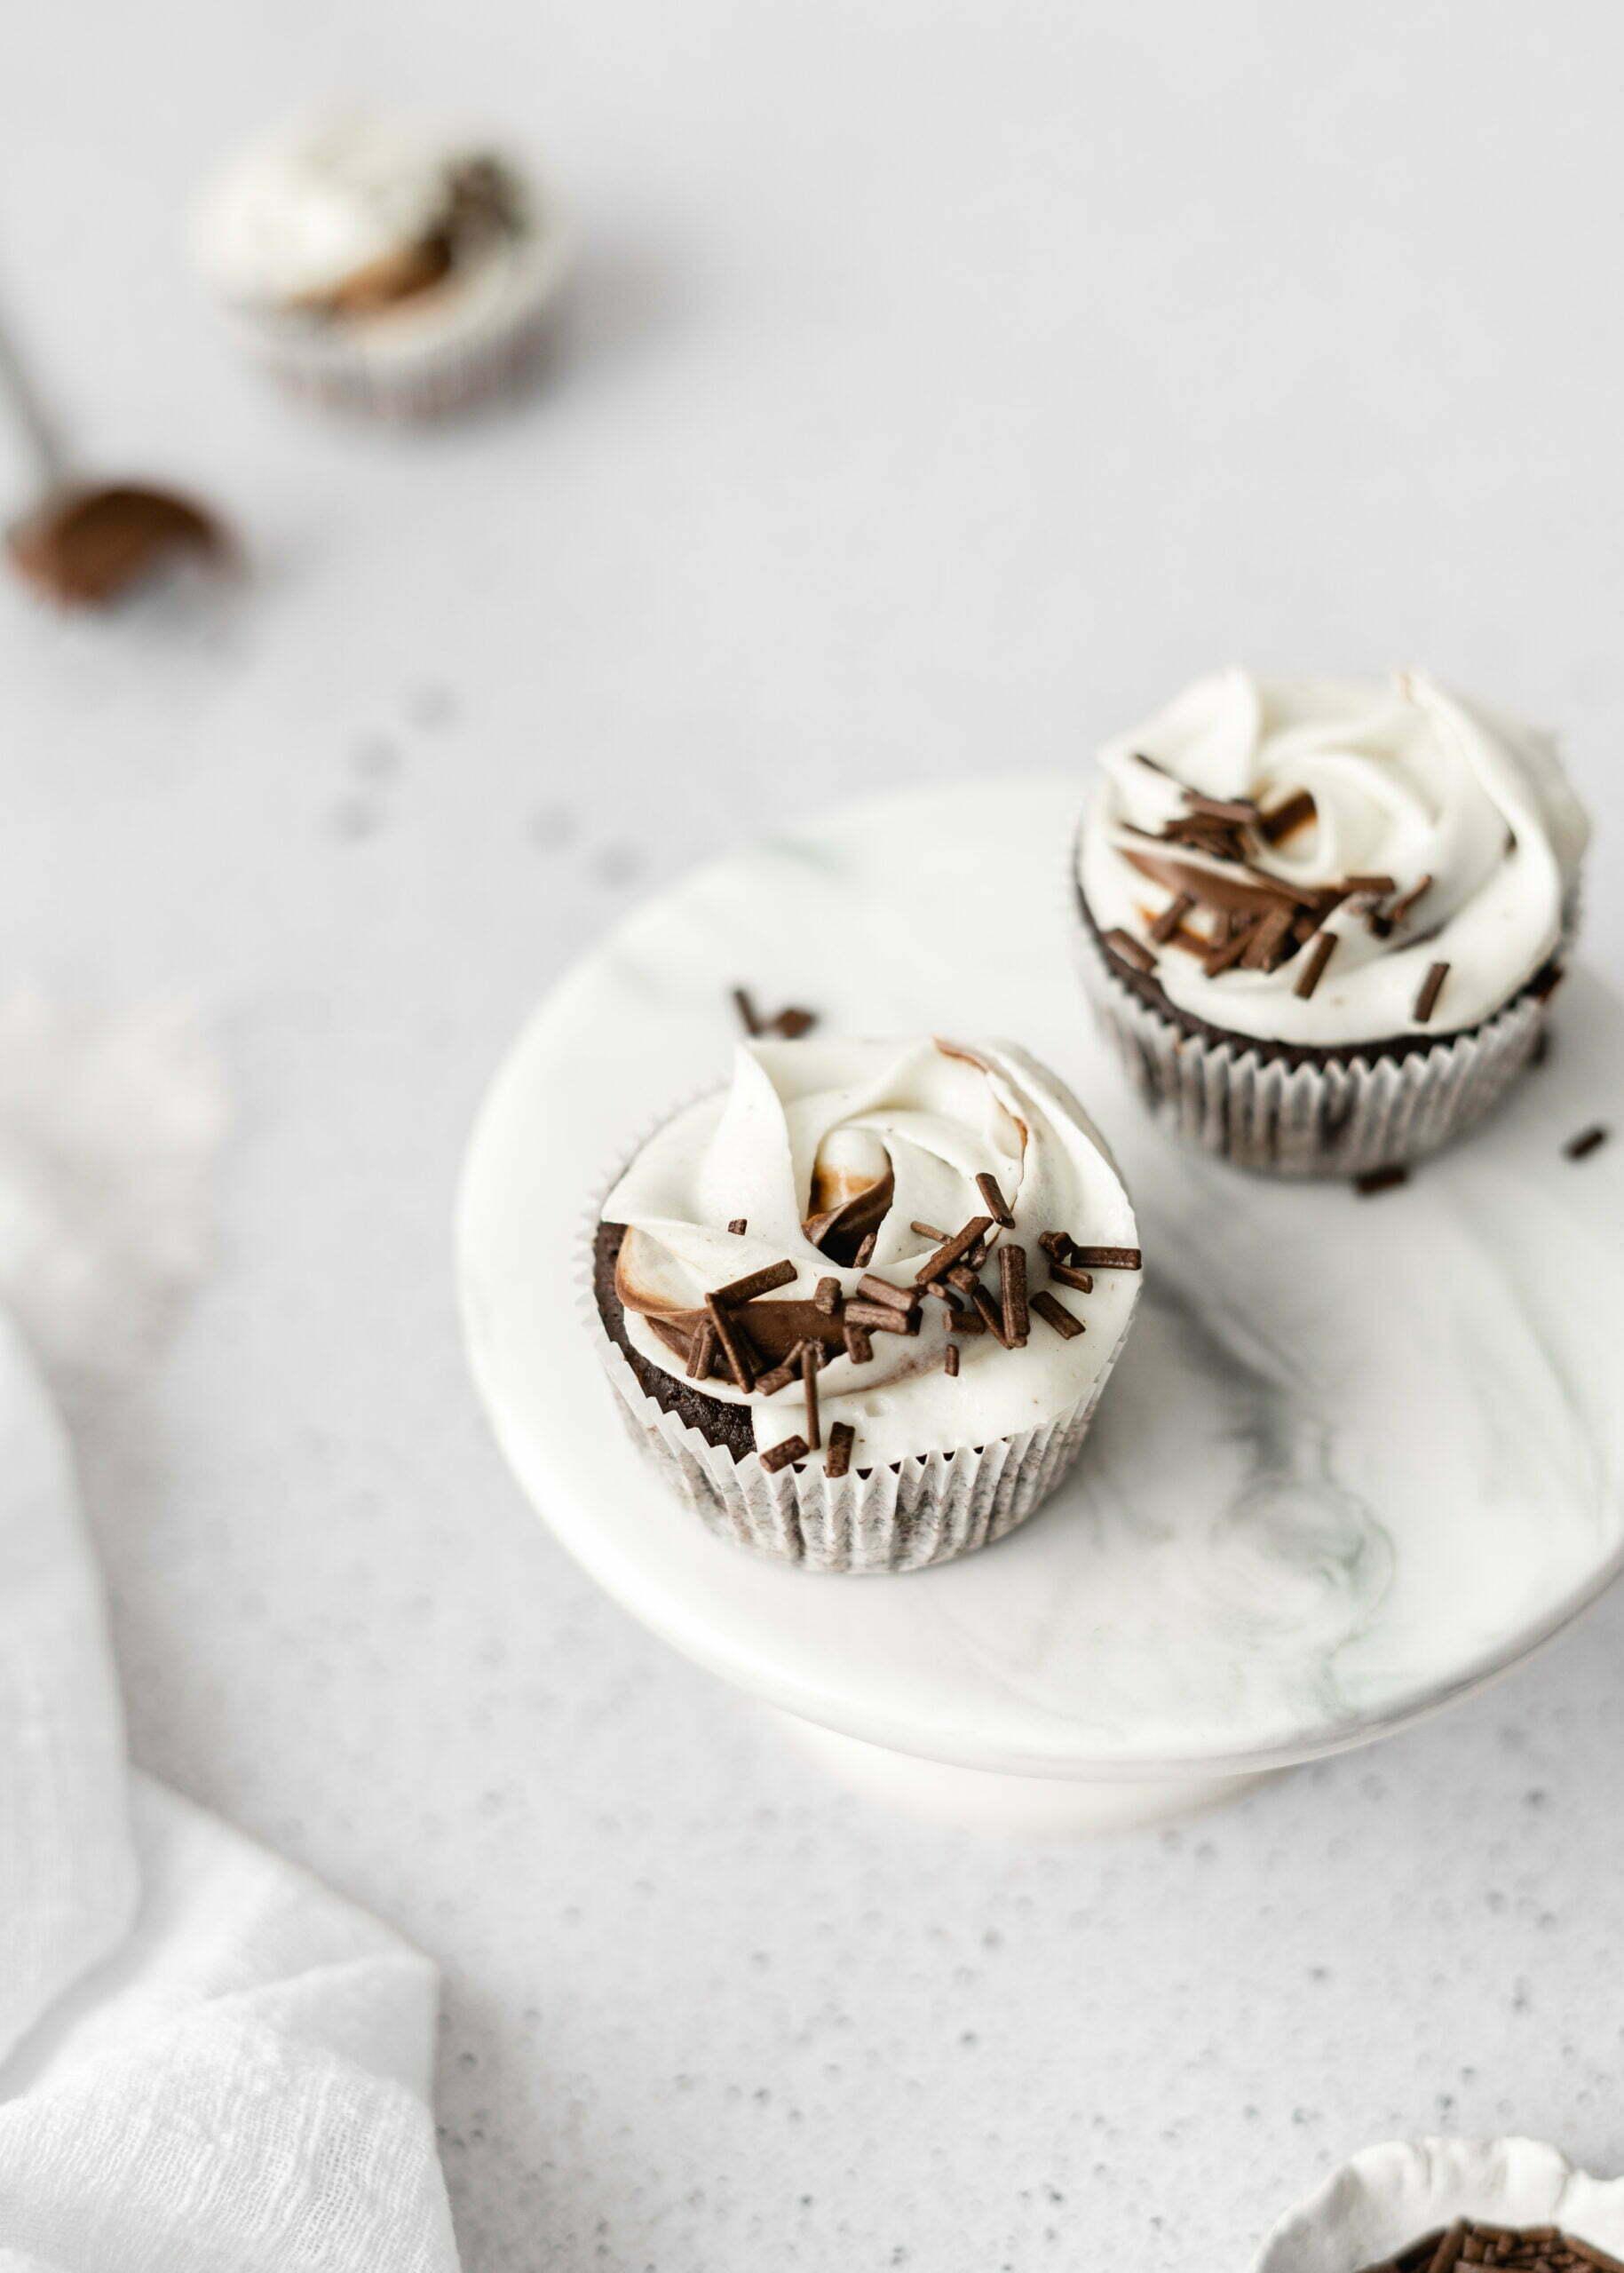 Čokoladni Cupcakes z Nutello in mascarpone kremo